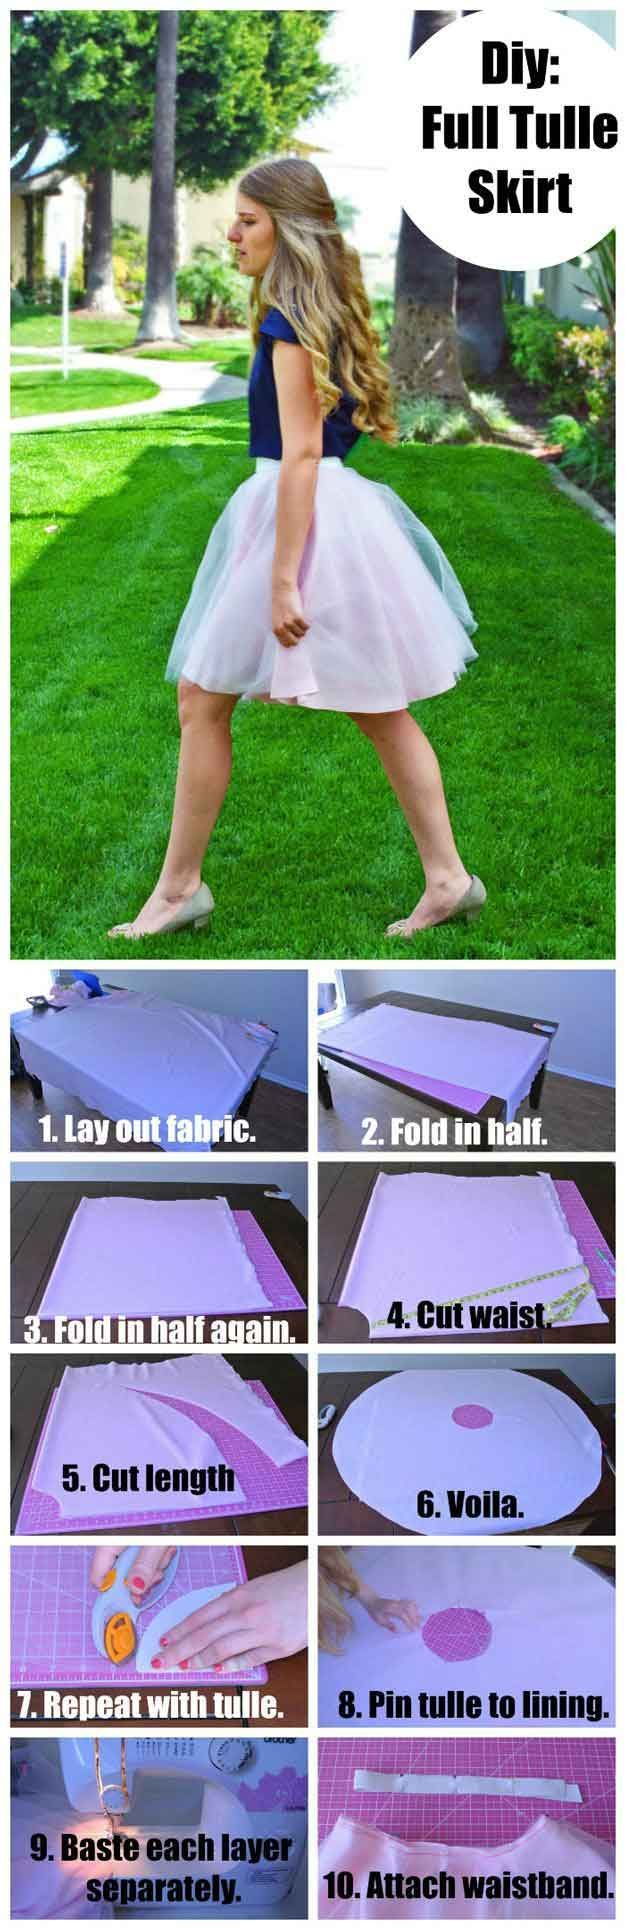 DIY Full Tulle Skirt   DIY Skirts and Pants for Women